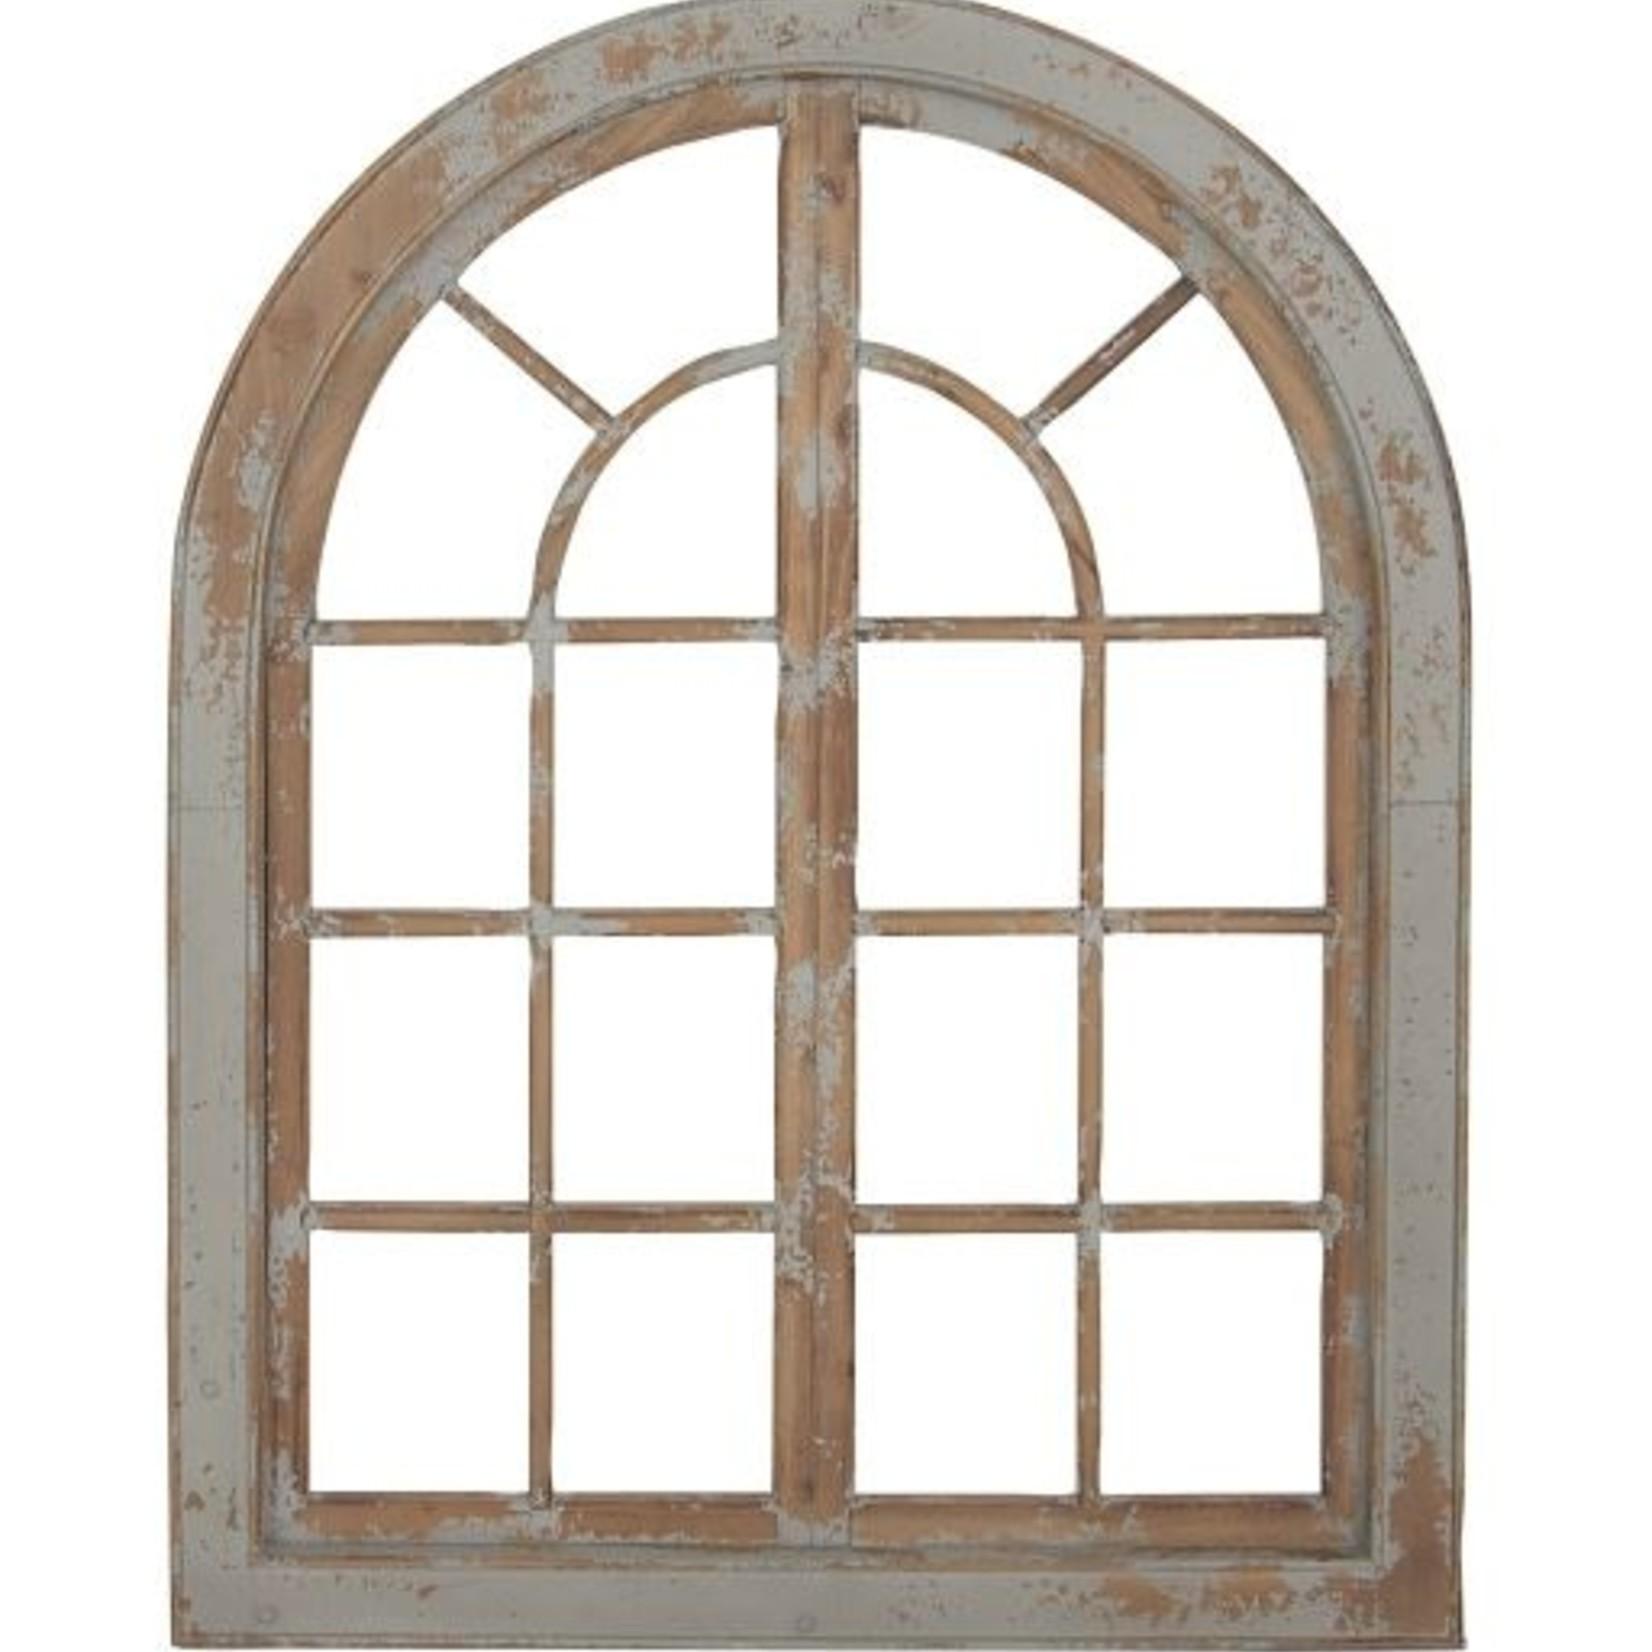 Grey Wood Arch Decor 98740